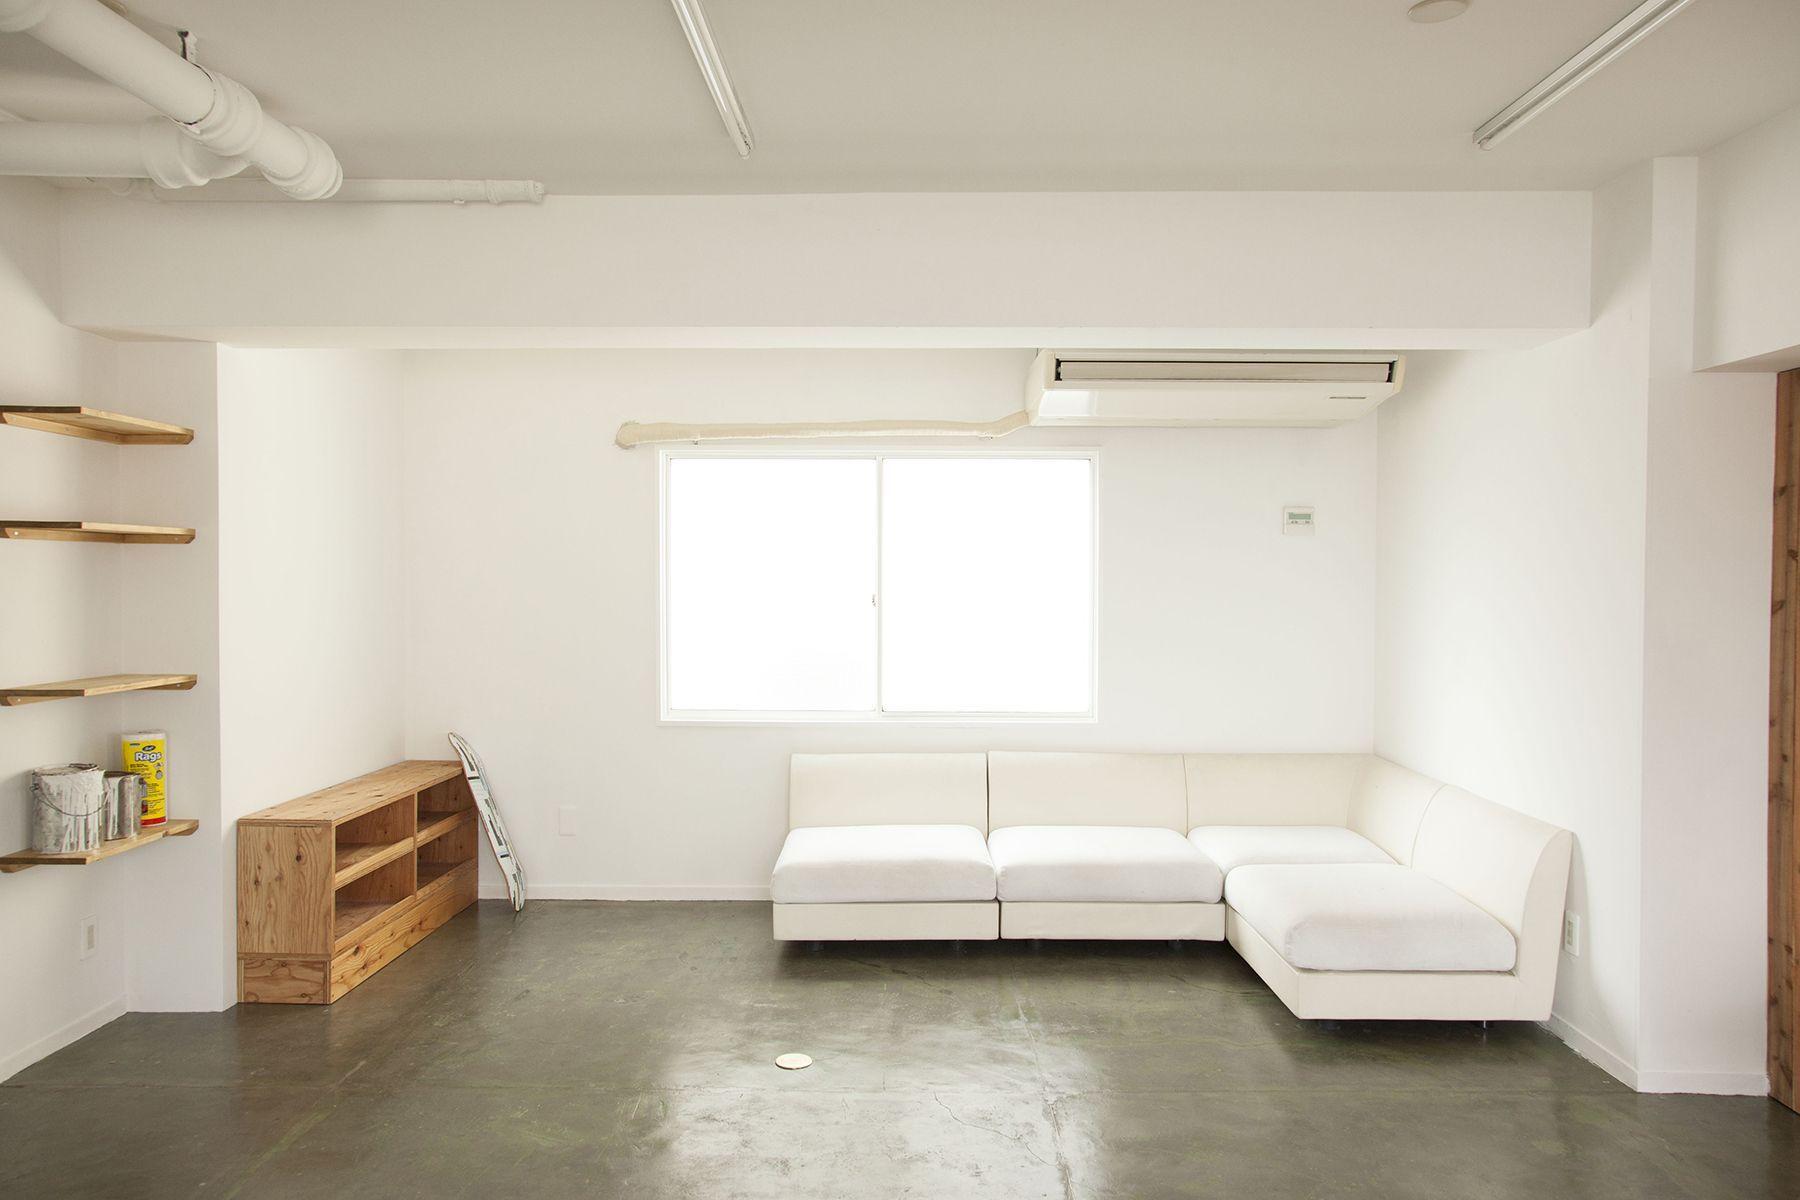 HOXTON STUDIO Factory (ホクストンスタジオ ファクトリー)Factory(2F)「アンティスティック」